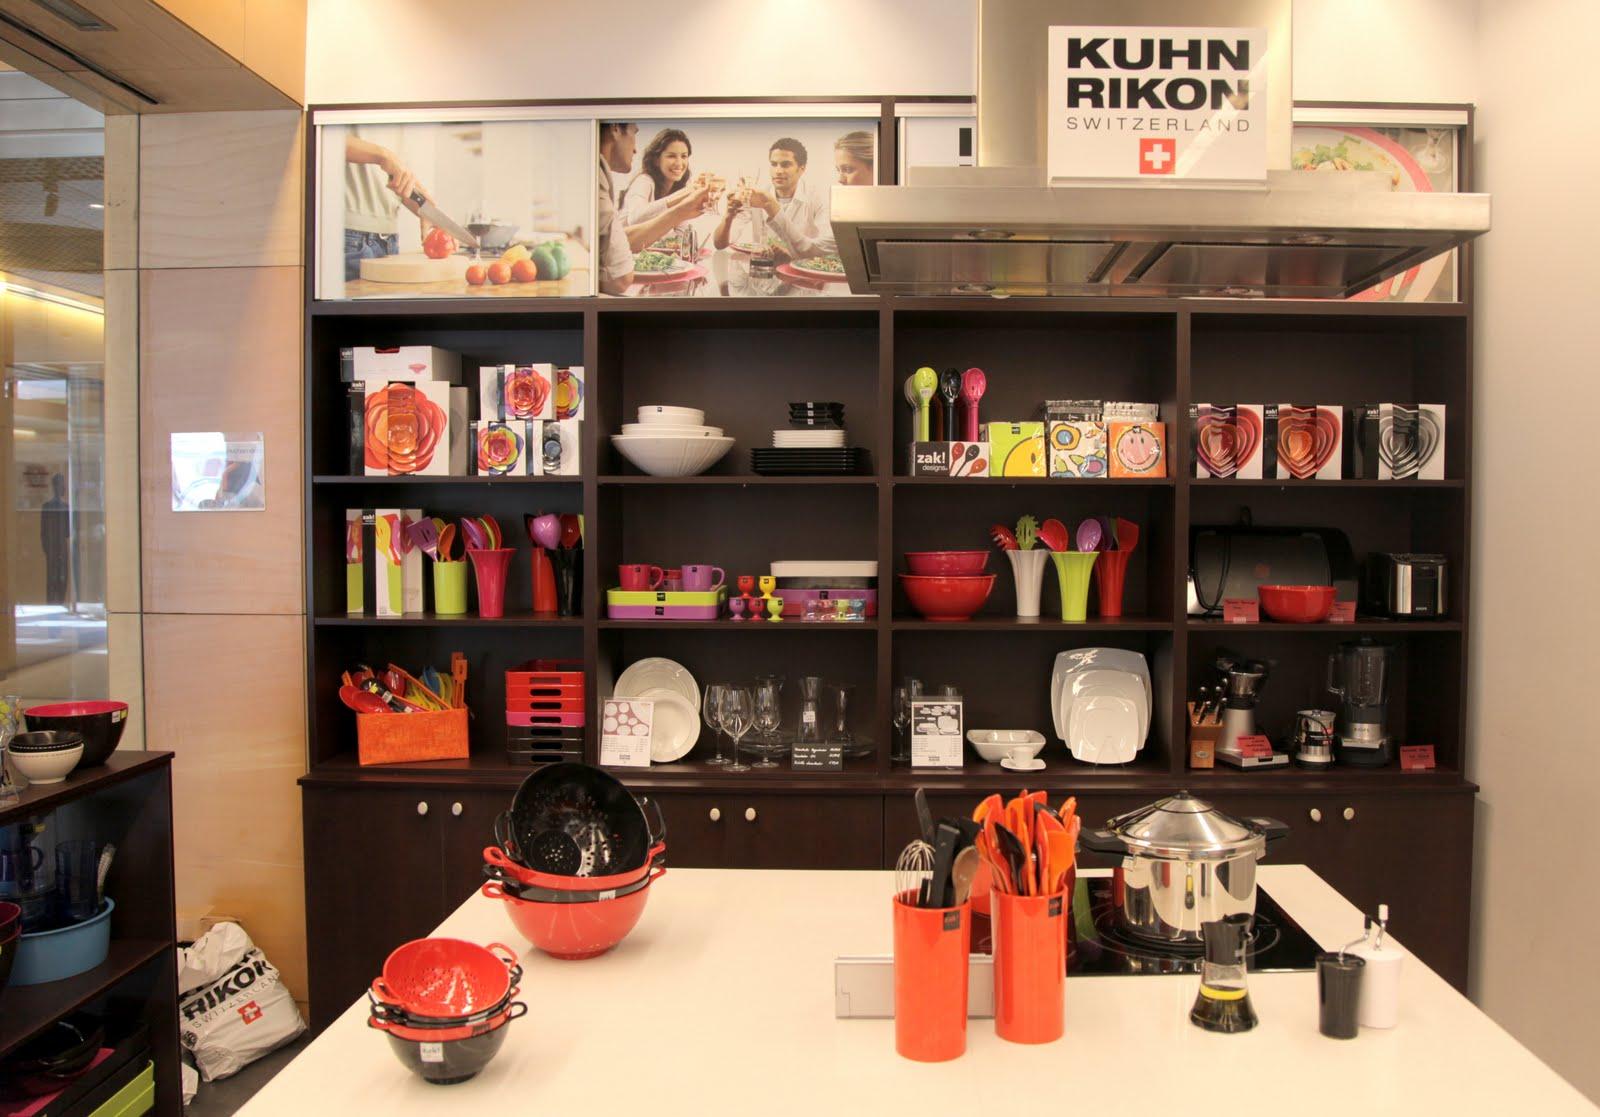 Kuhn rikon espa ola tienda zaragoza kuhn rikon - Escuela de cocina zaragoza ...